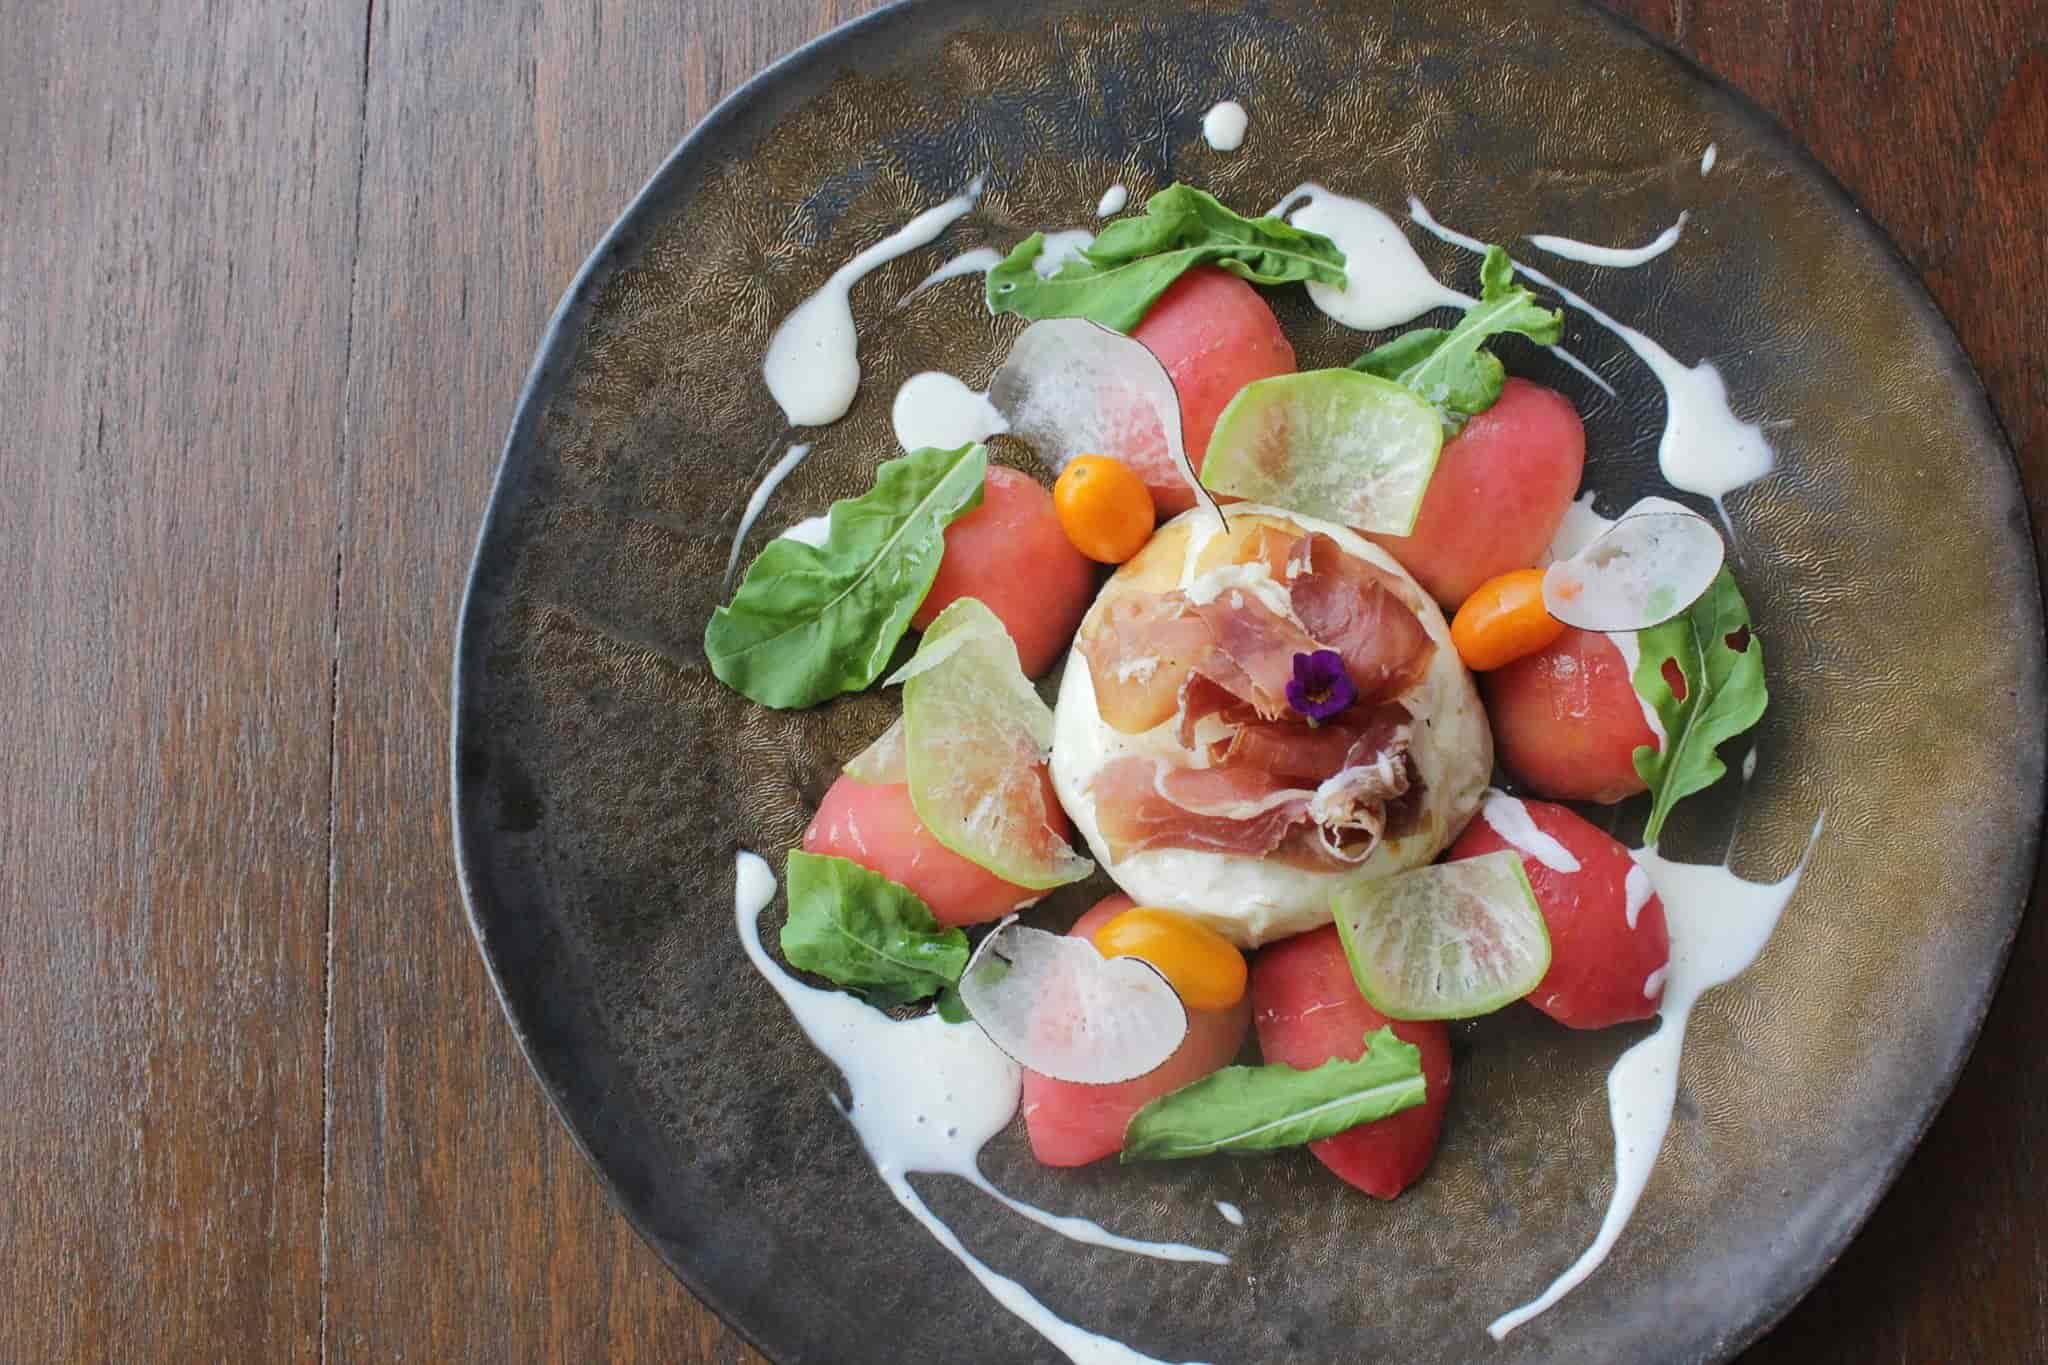 burrata with parma ham and rocket salad